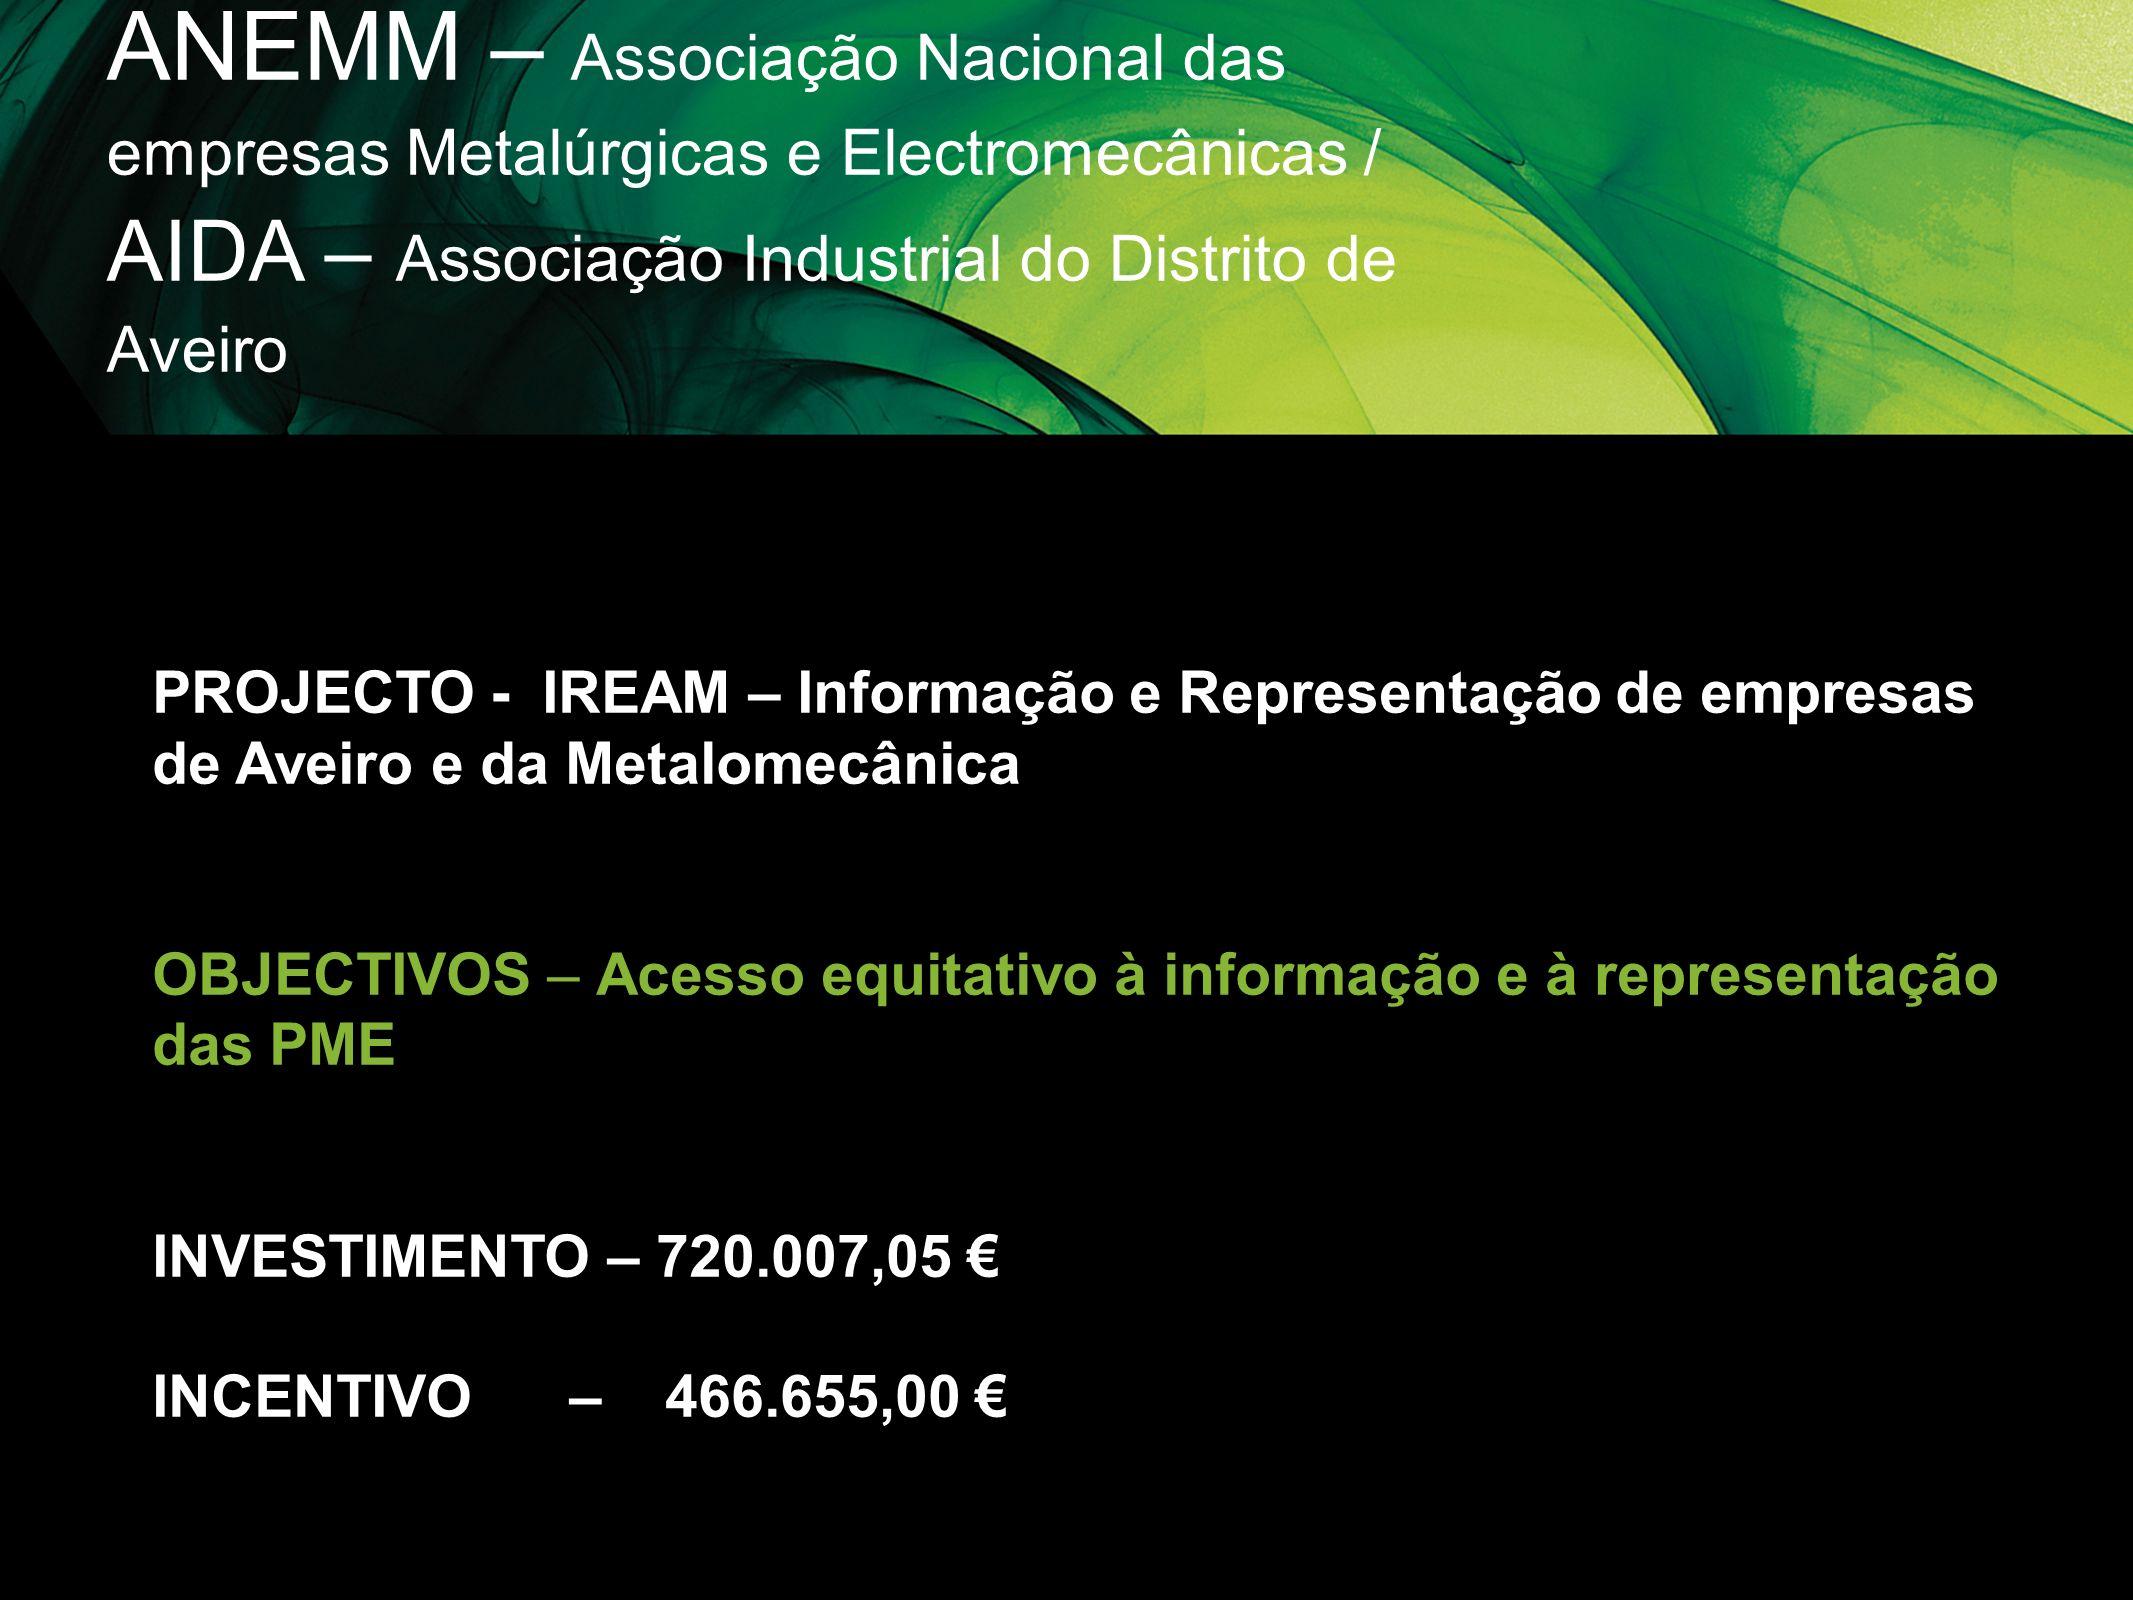 ANEMM – Associação Nacional das empresas Metalúrgicas e Electromecânicas / AIDA – Associação Industrial do Distrito de Aveiro PROJECTO - IREAM – Infor